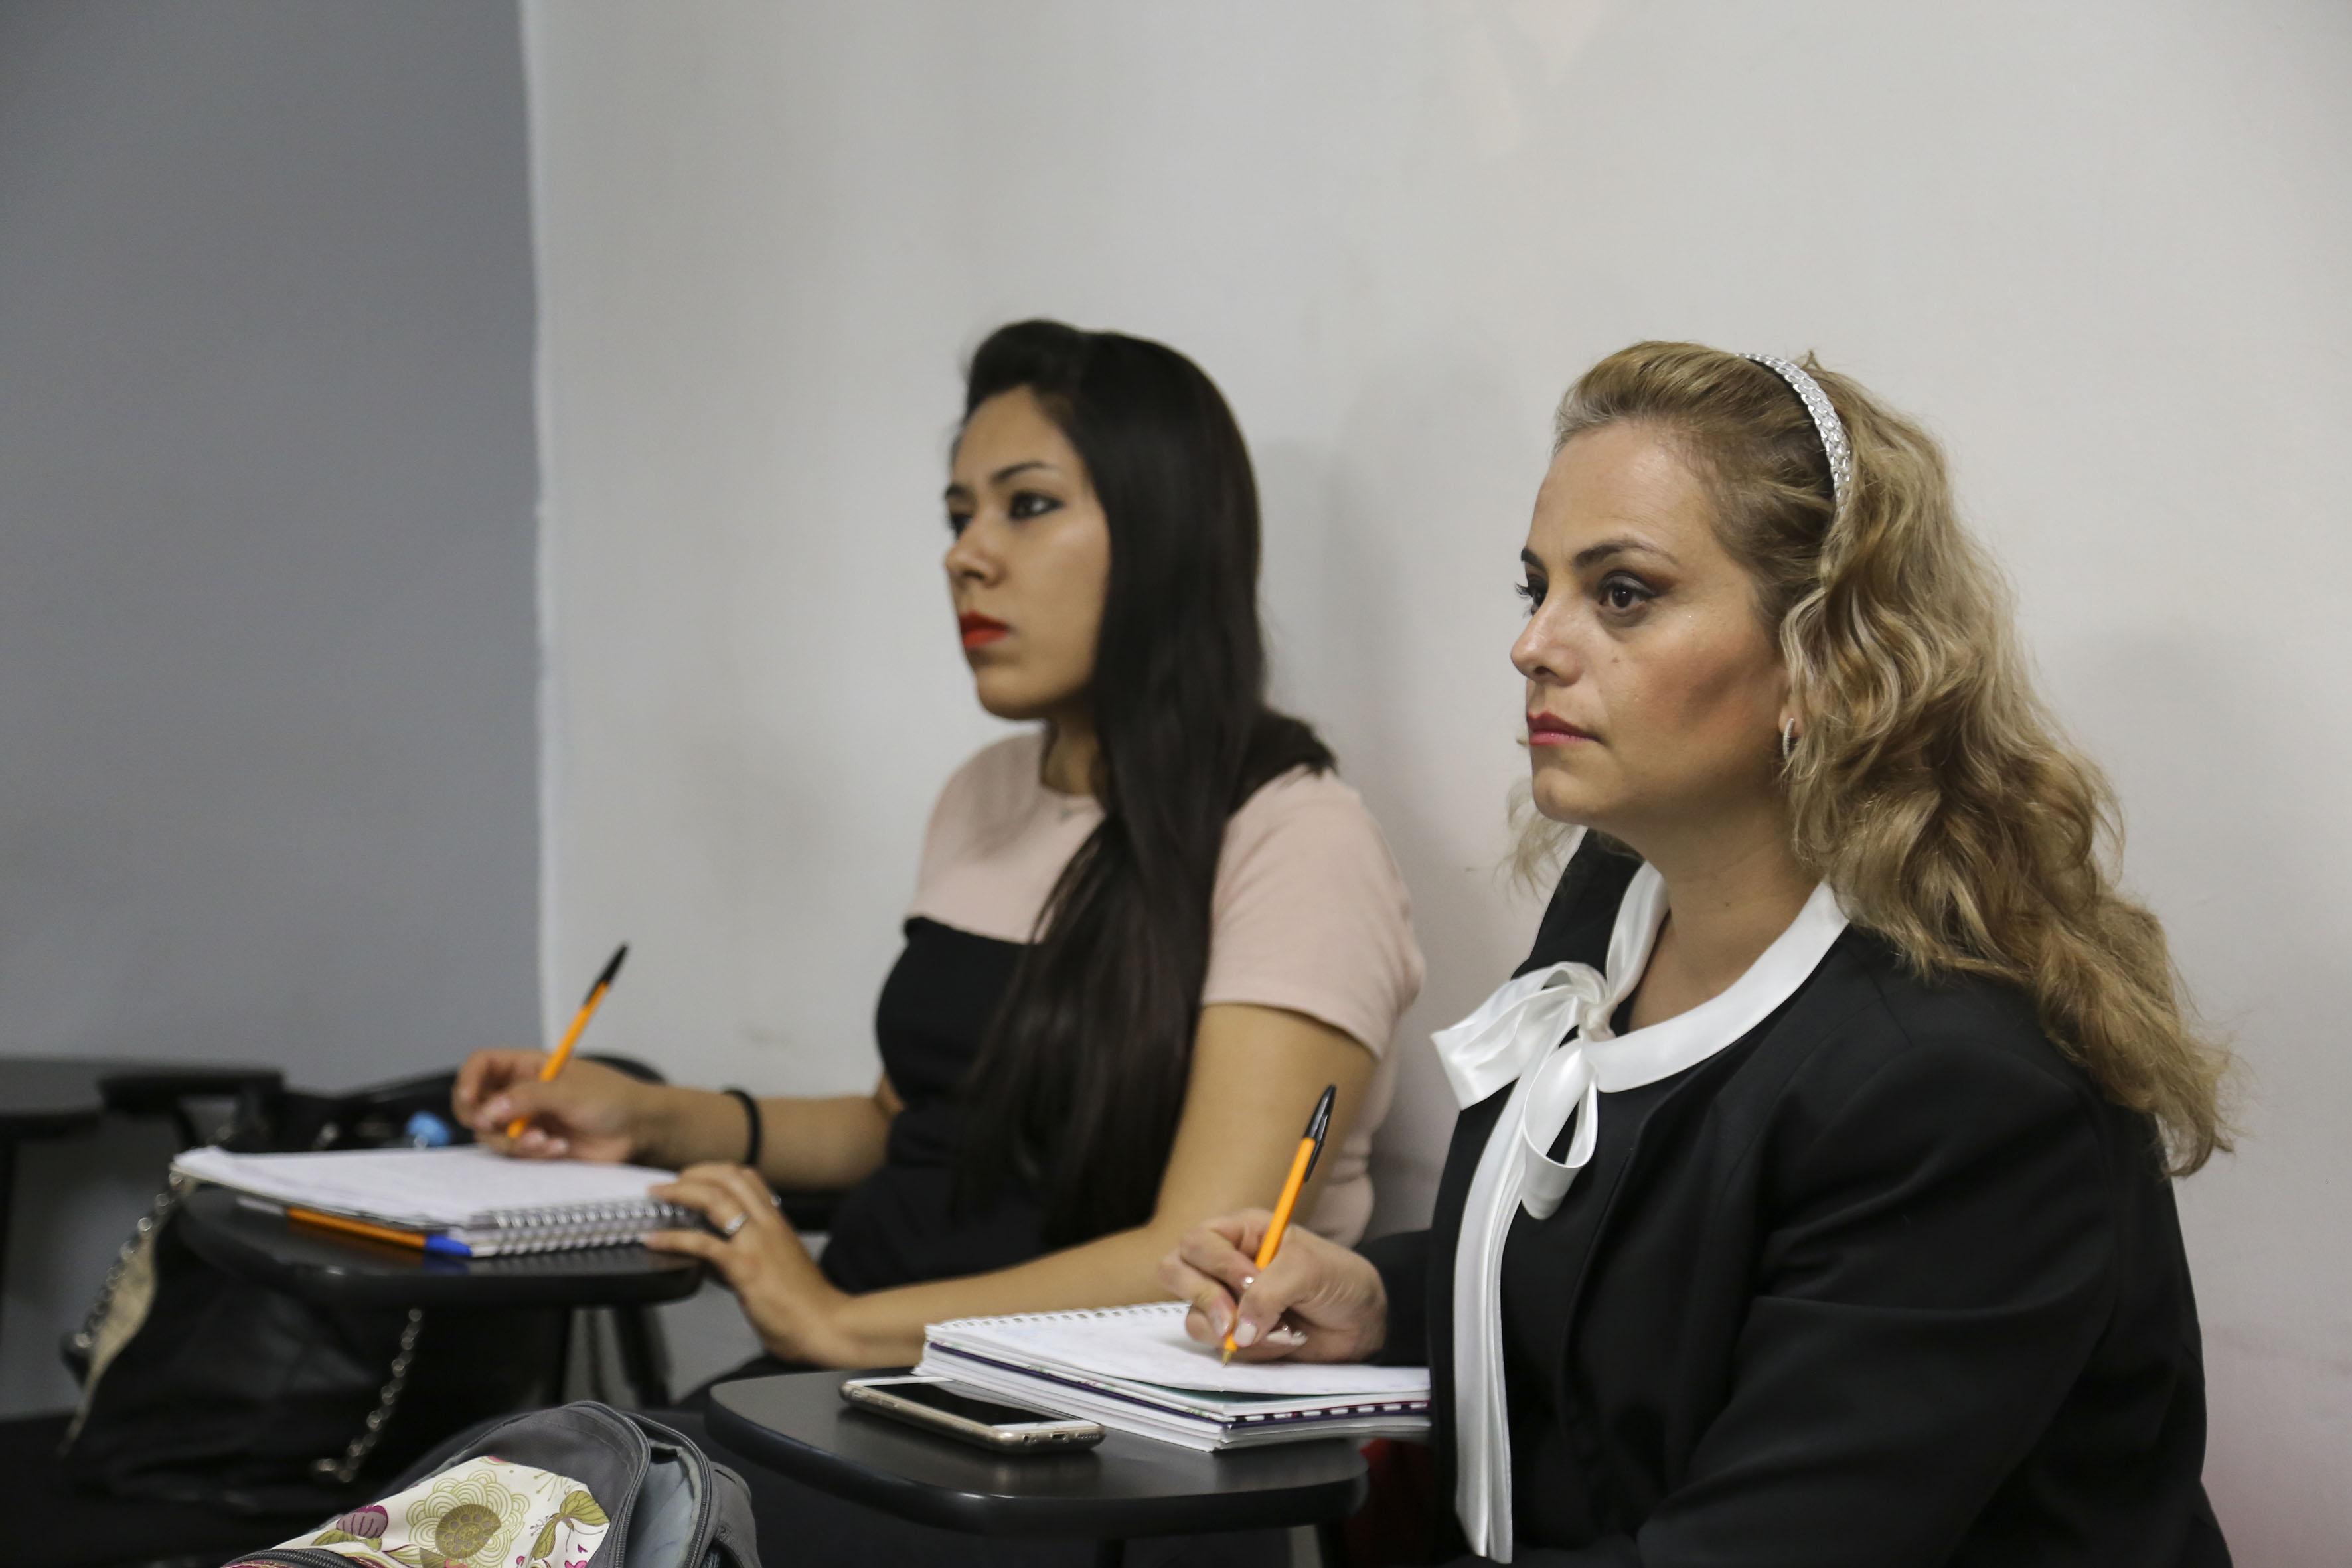 Alumnas tomando notas en clase